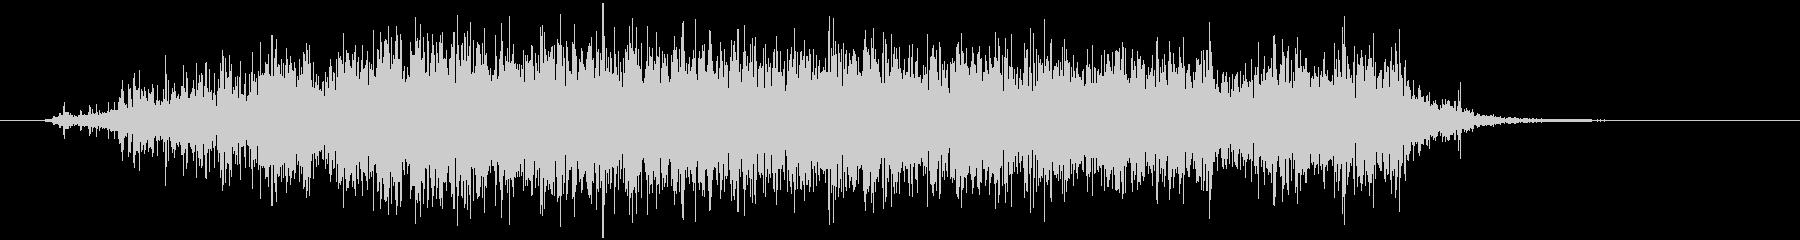 スプレー噴射 シューの未再生の波形